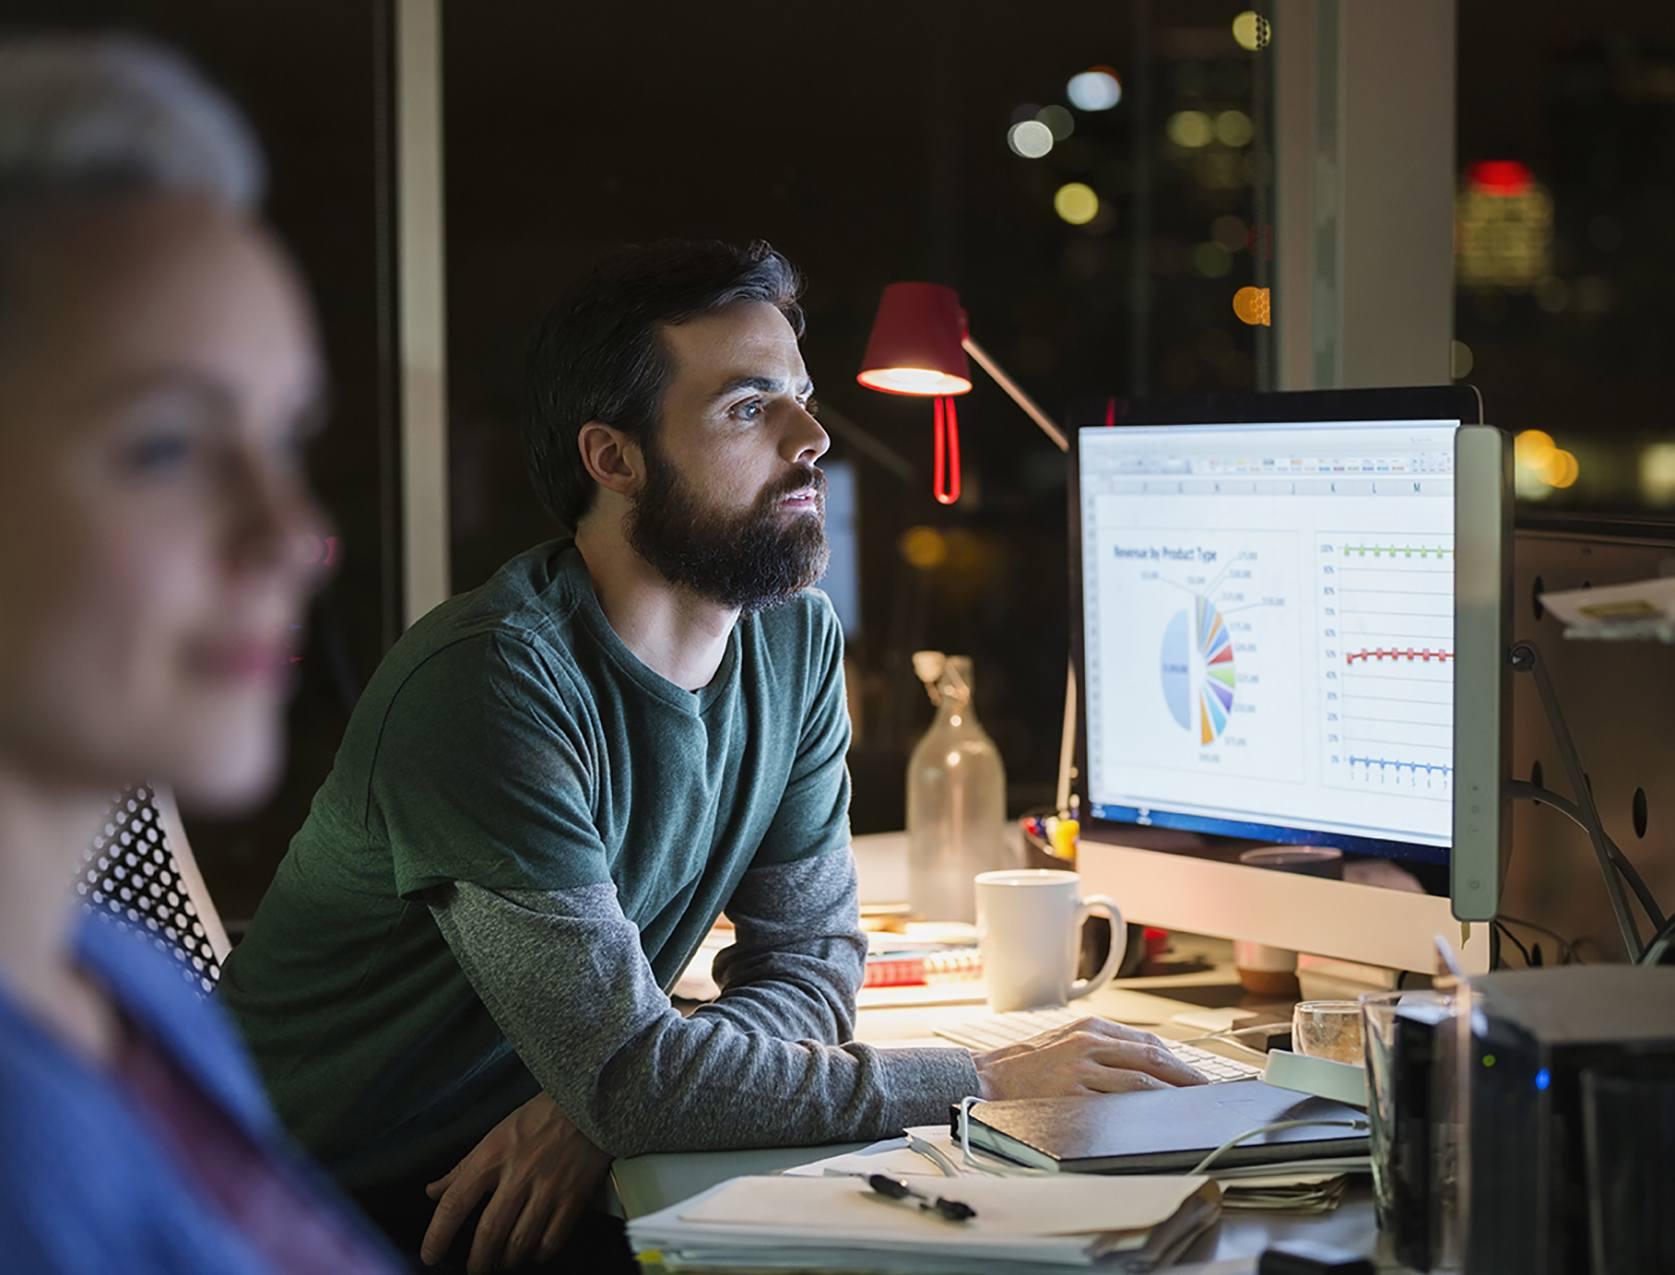 Using Big Data and Analytics